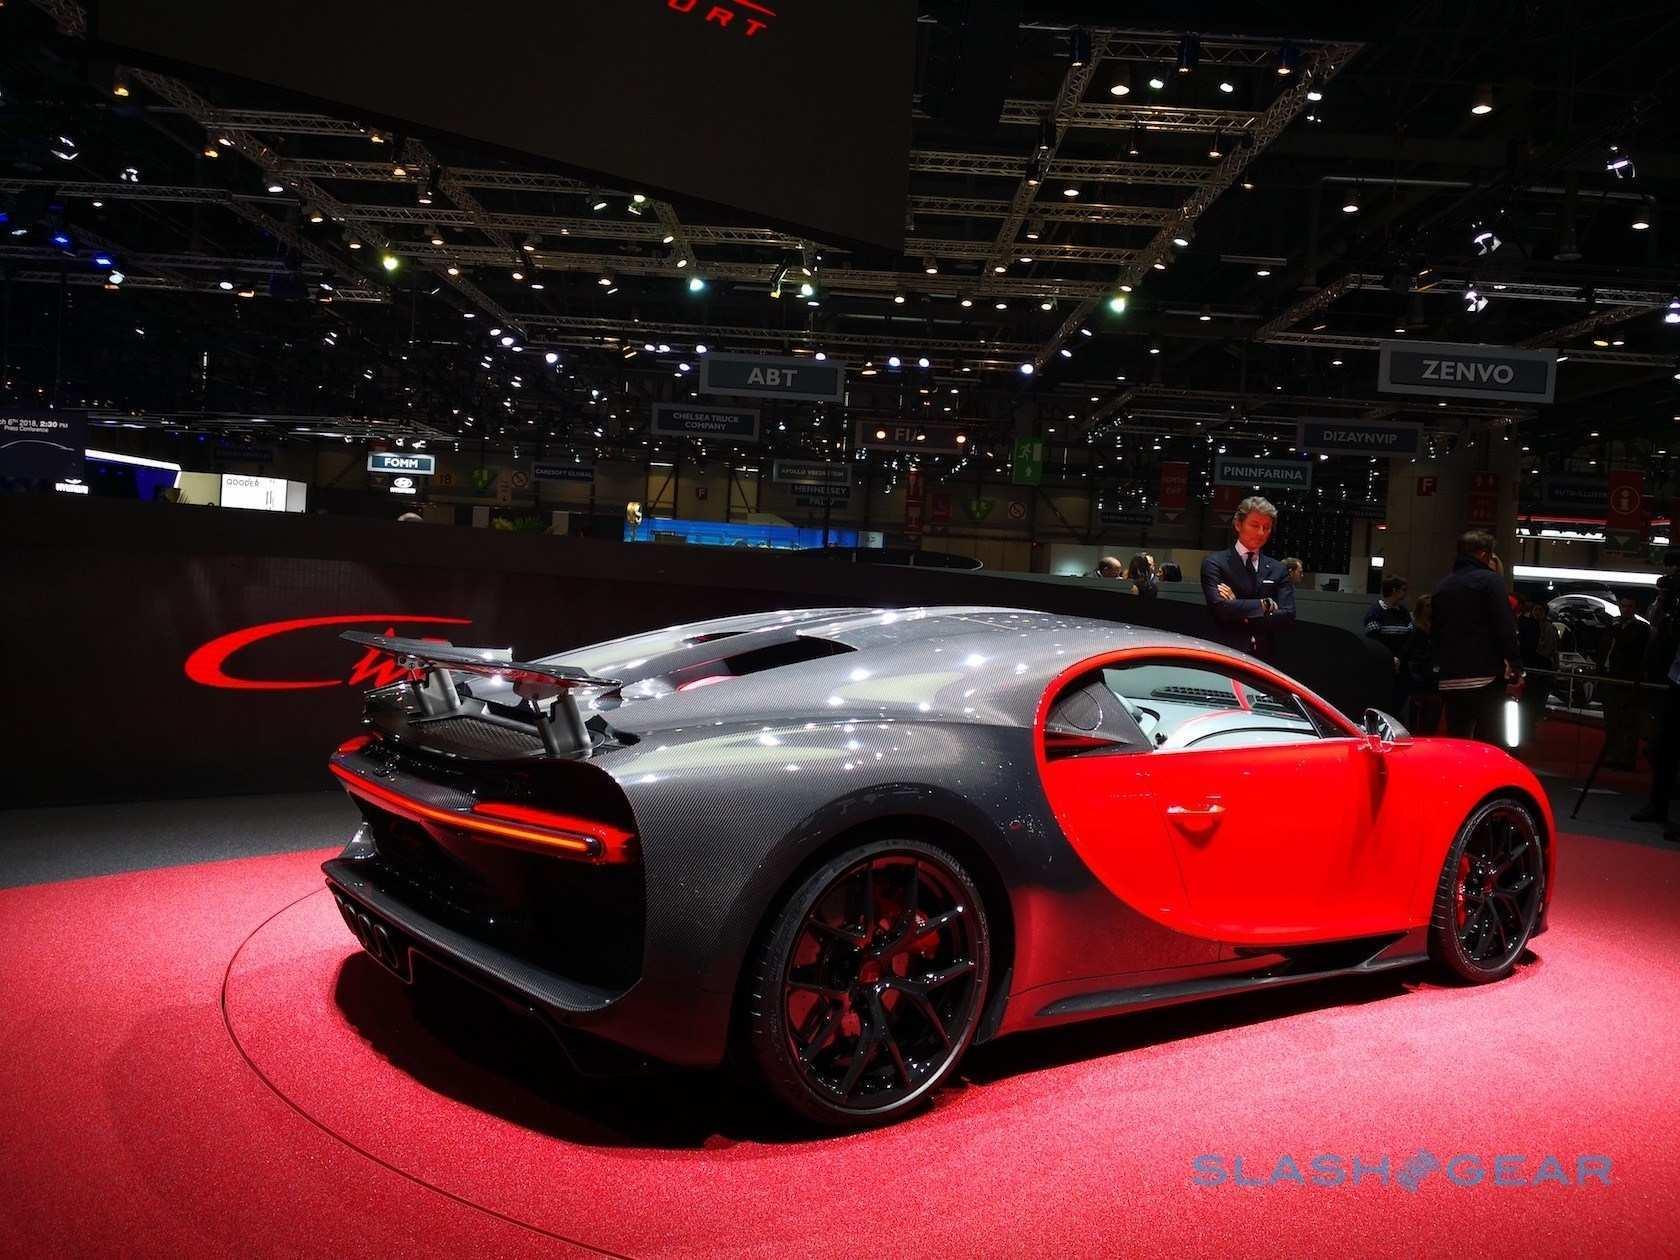 30 Concept of 2019 Bugatti Specs First Drive by 2019 Bugatti Specs